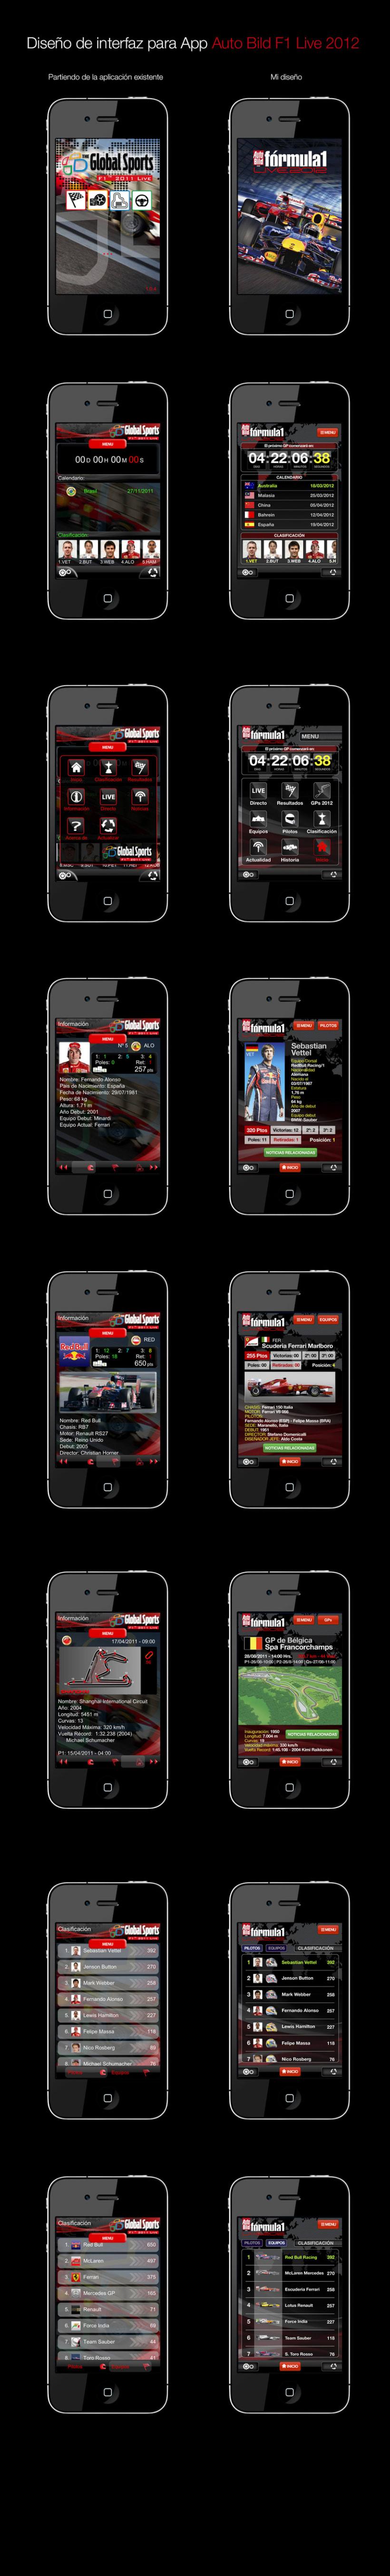 App Auto Bild F1 Live 2